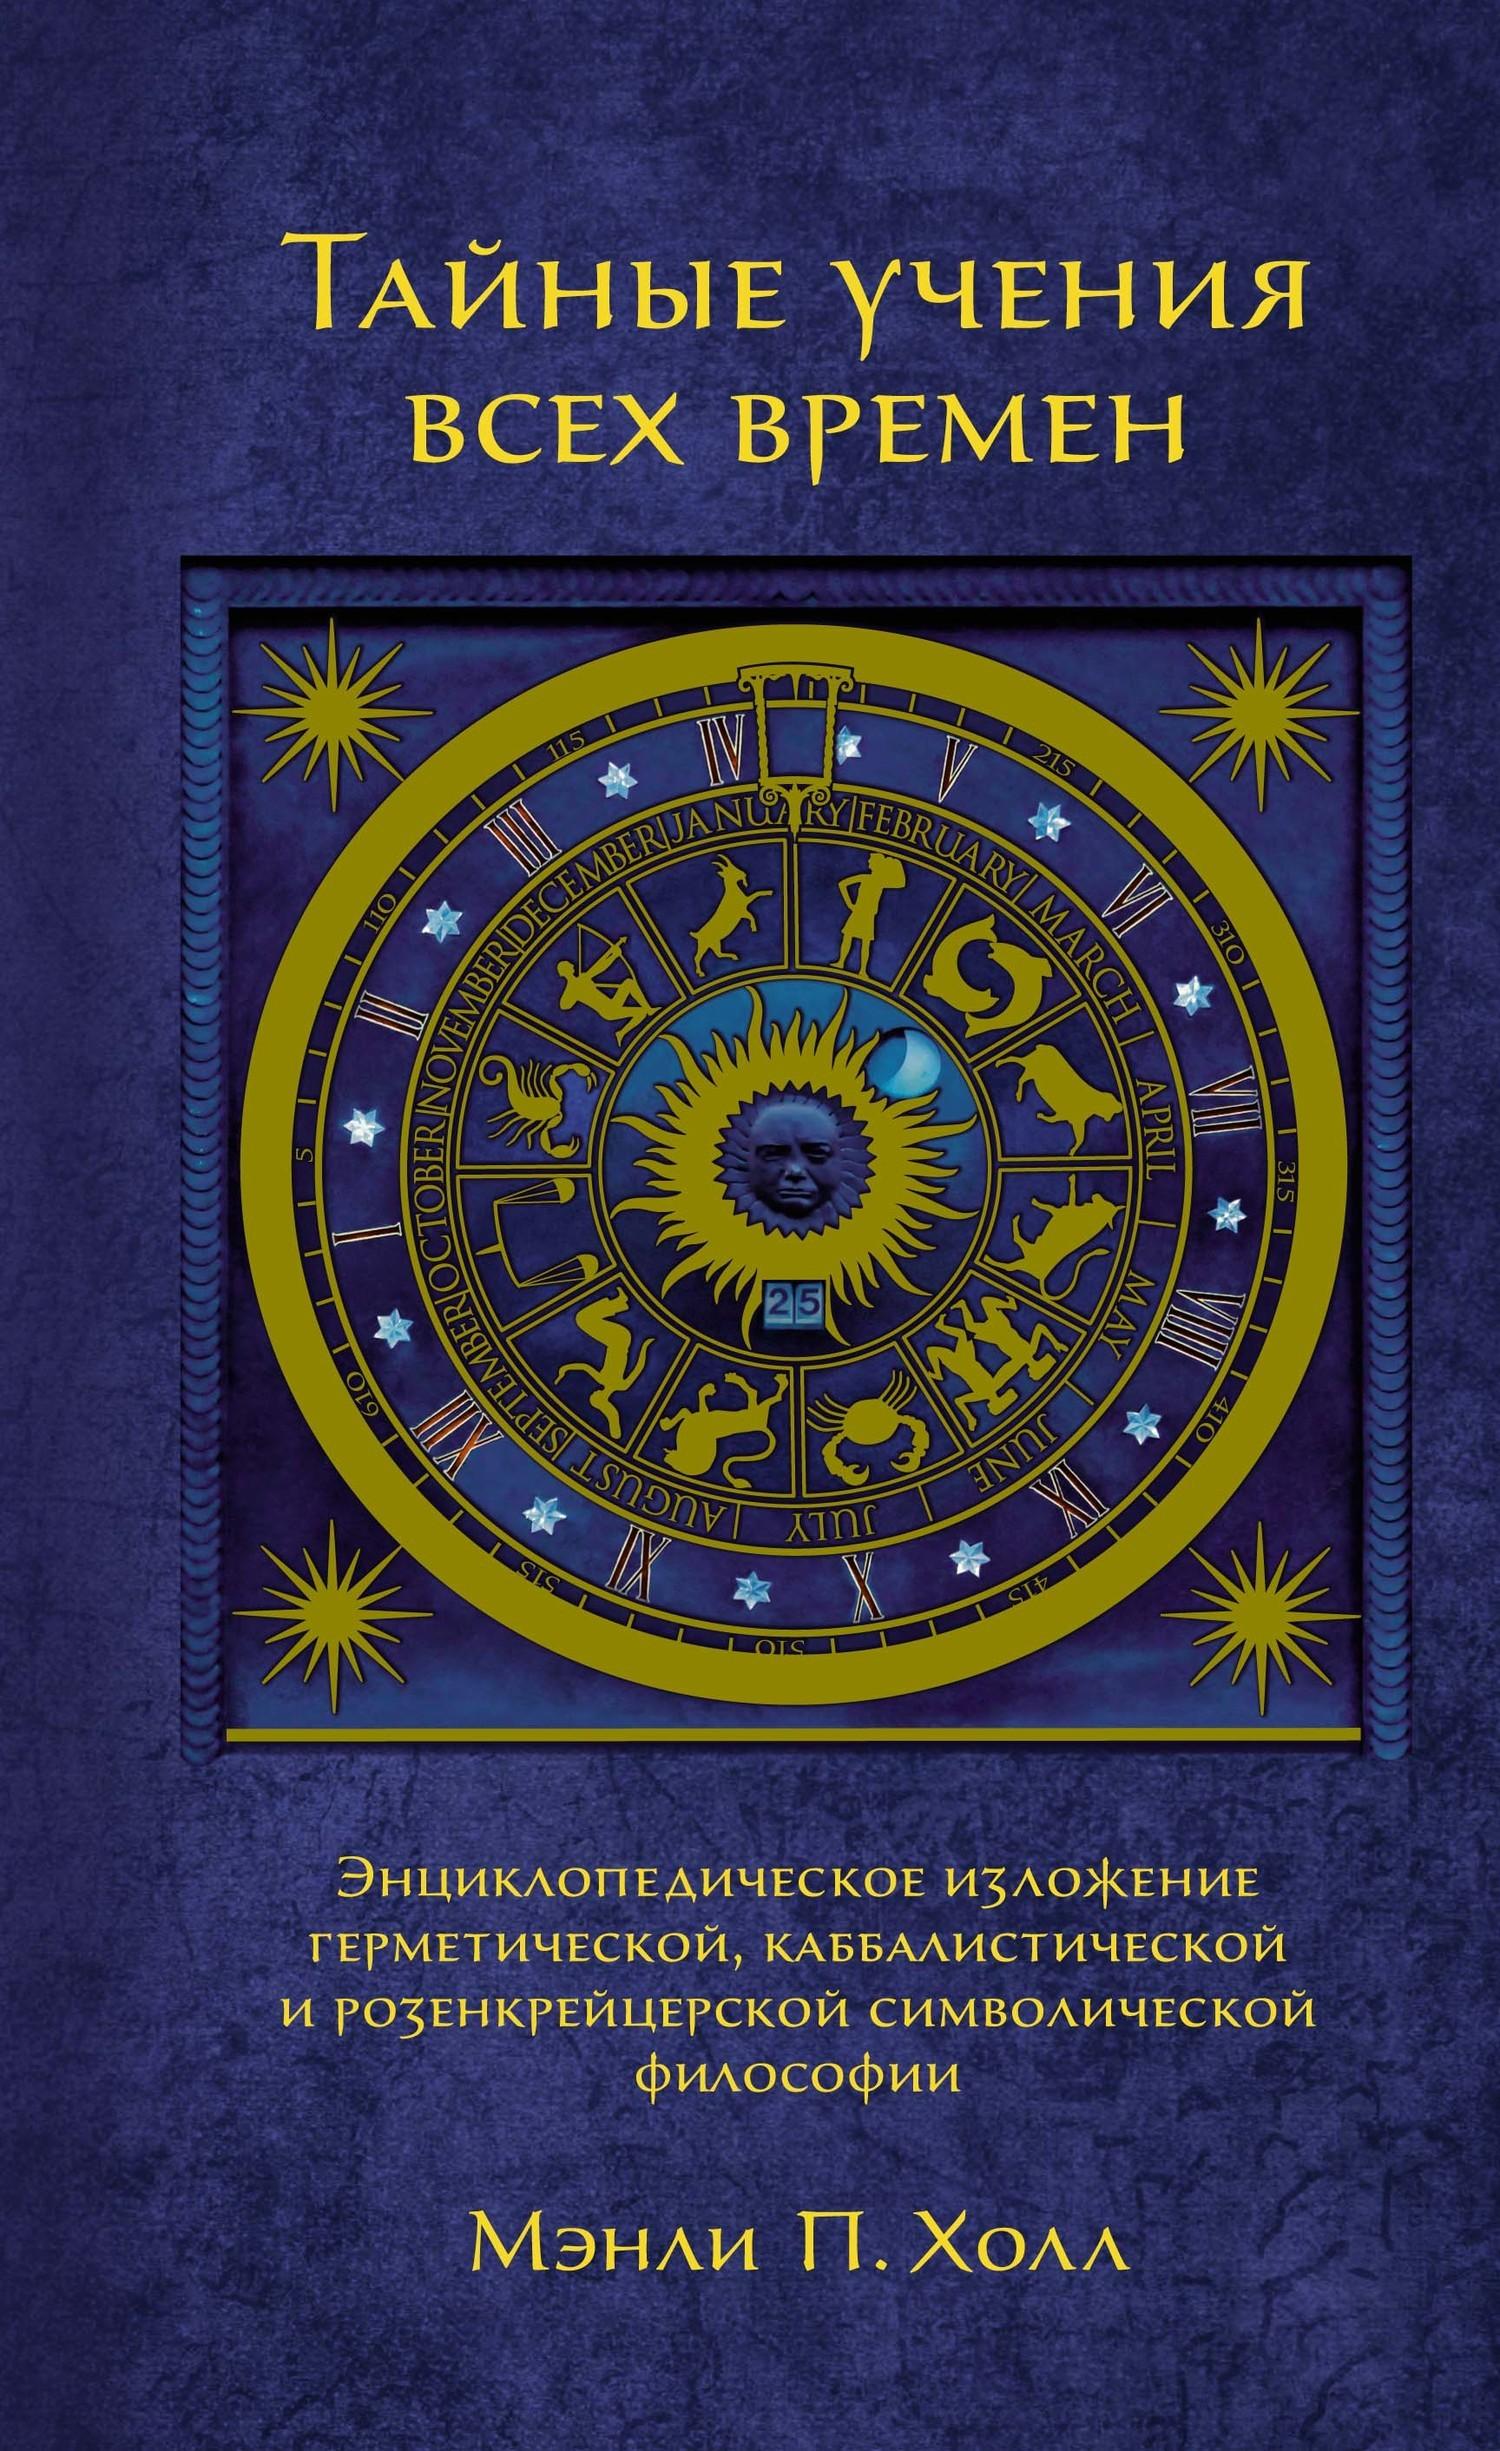 Мэнли П. Холл. Тайные учения всех времен. Энциклопедическое изложение герметической, каббалистической и розенкрейцерской символической философии